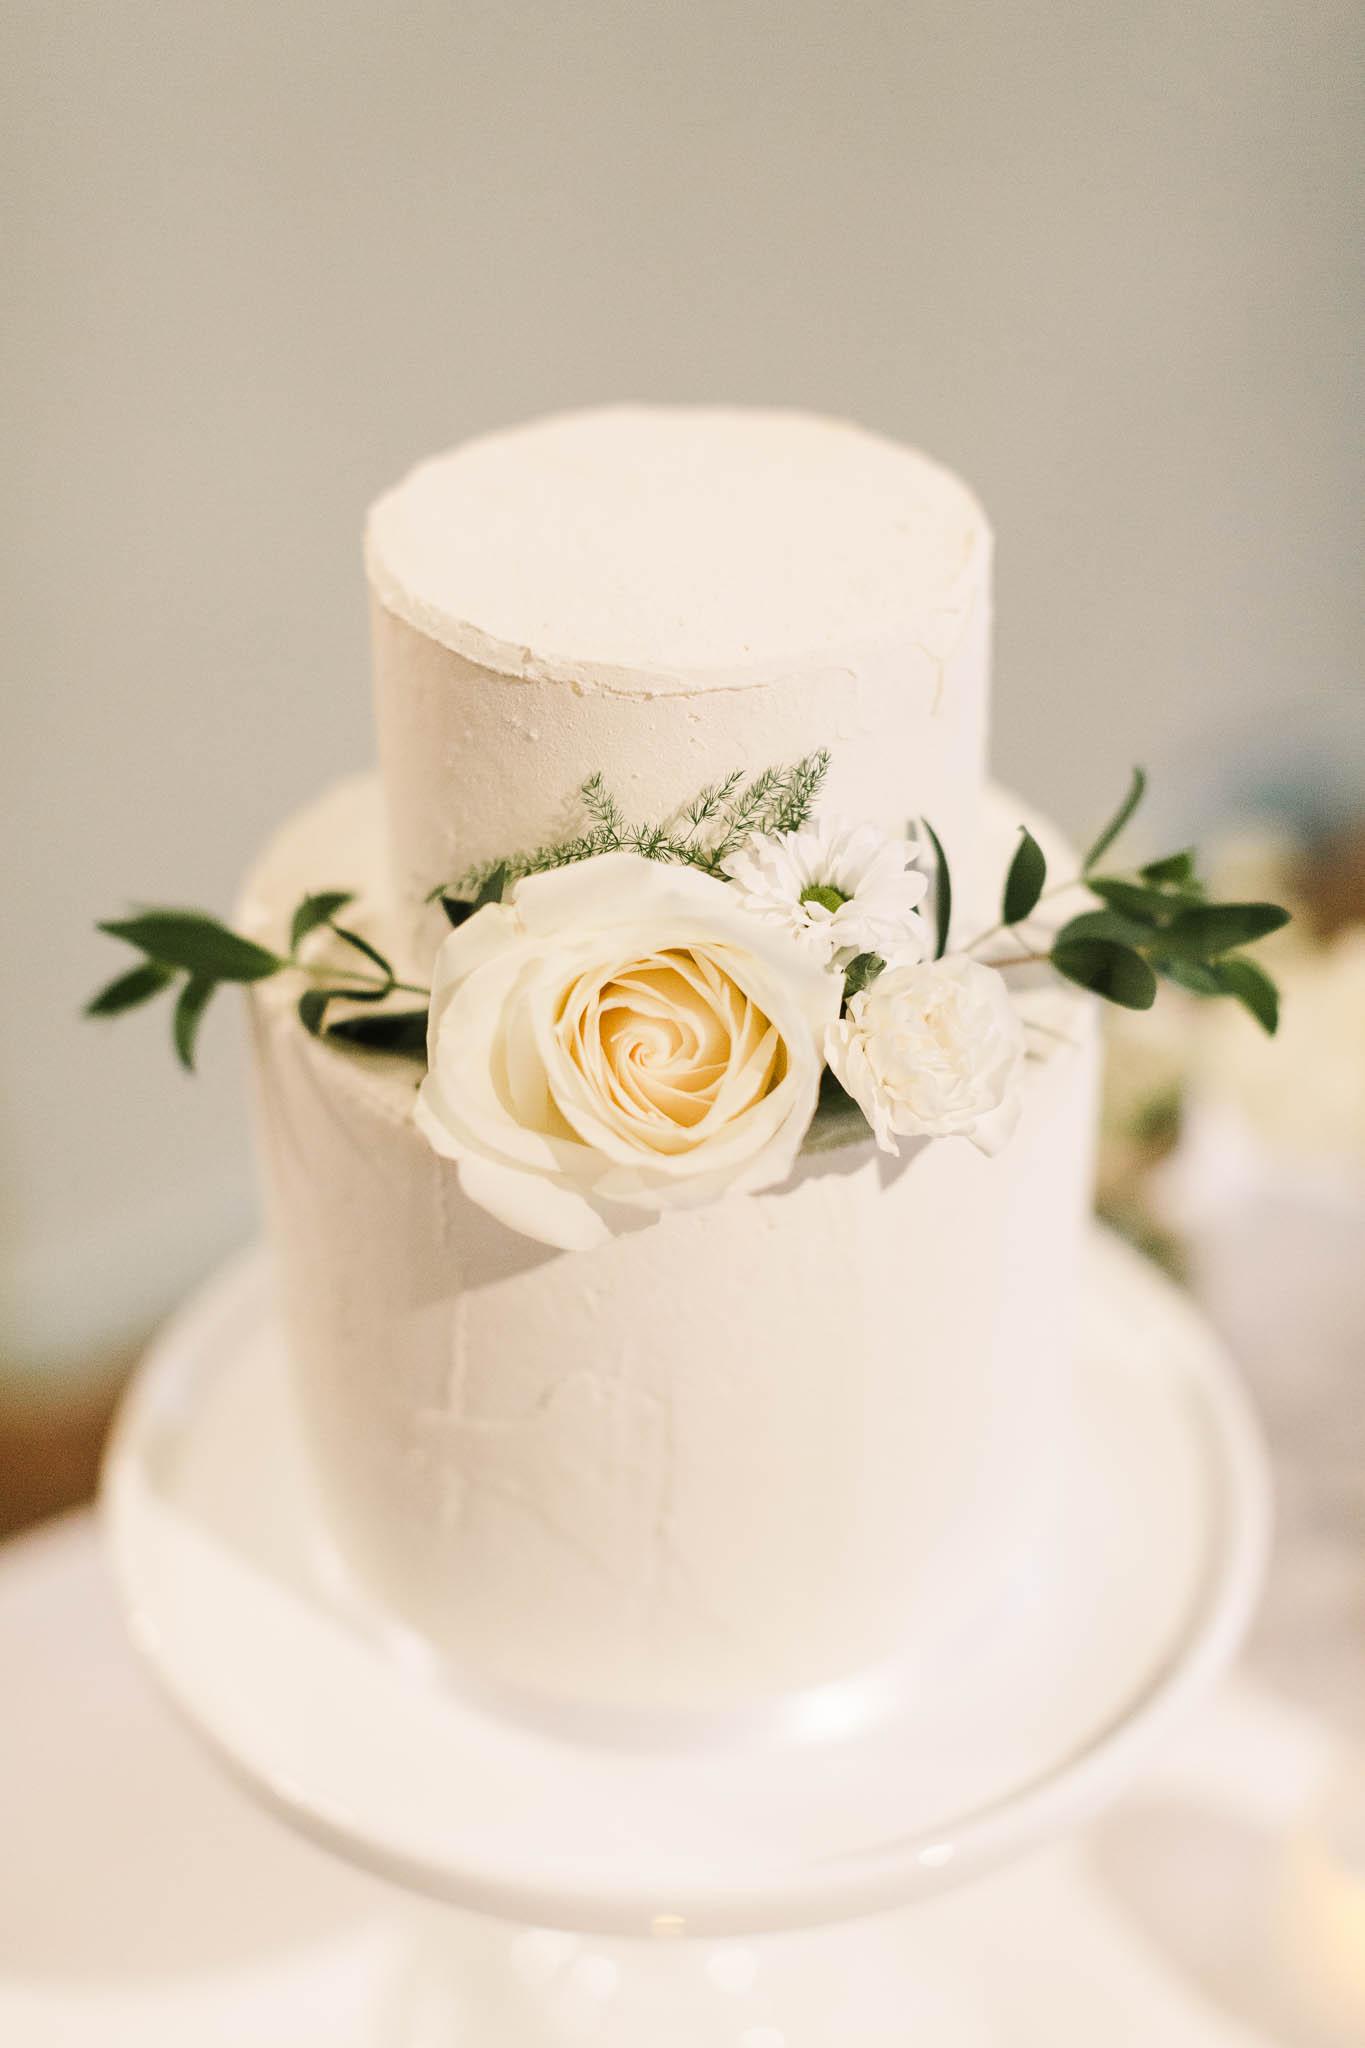 white wedding cake with ivory rose